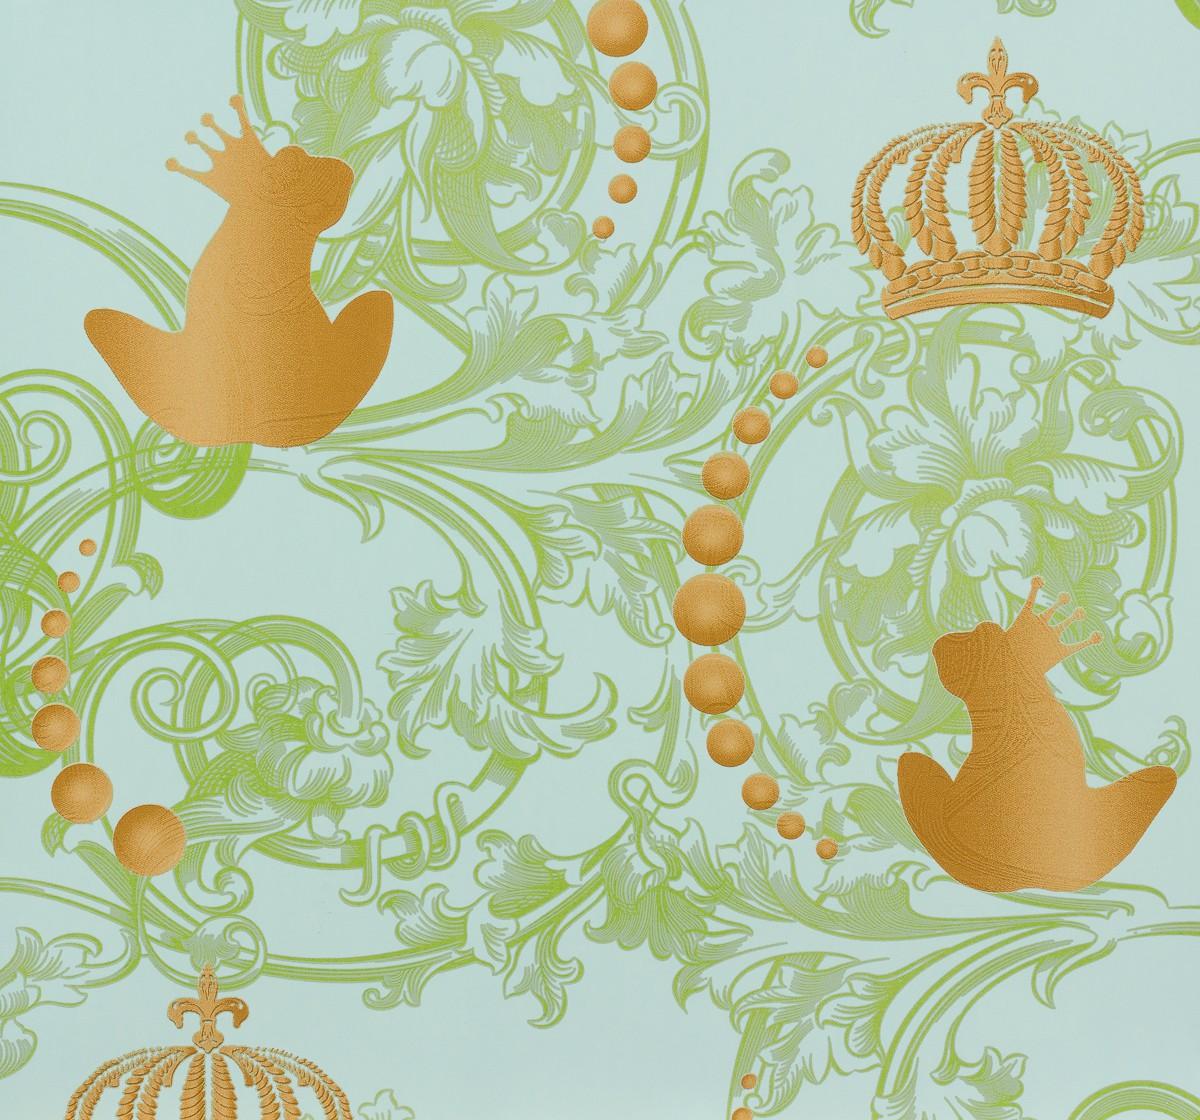 kindertapete gl ckler froschk nig blau gold 54114. Black Bedroom Furniture Sets. Home Design Ideas